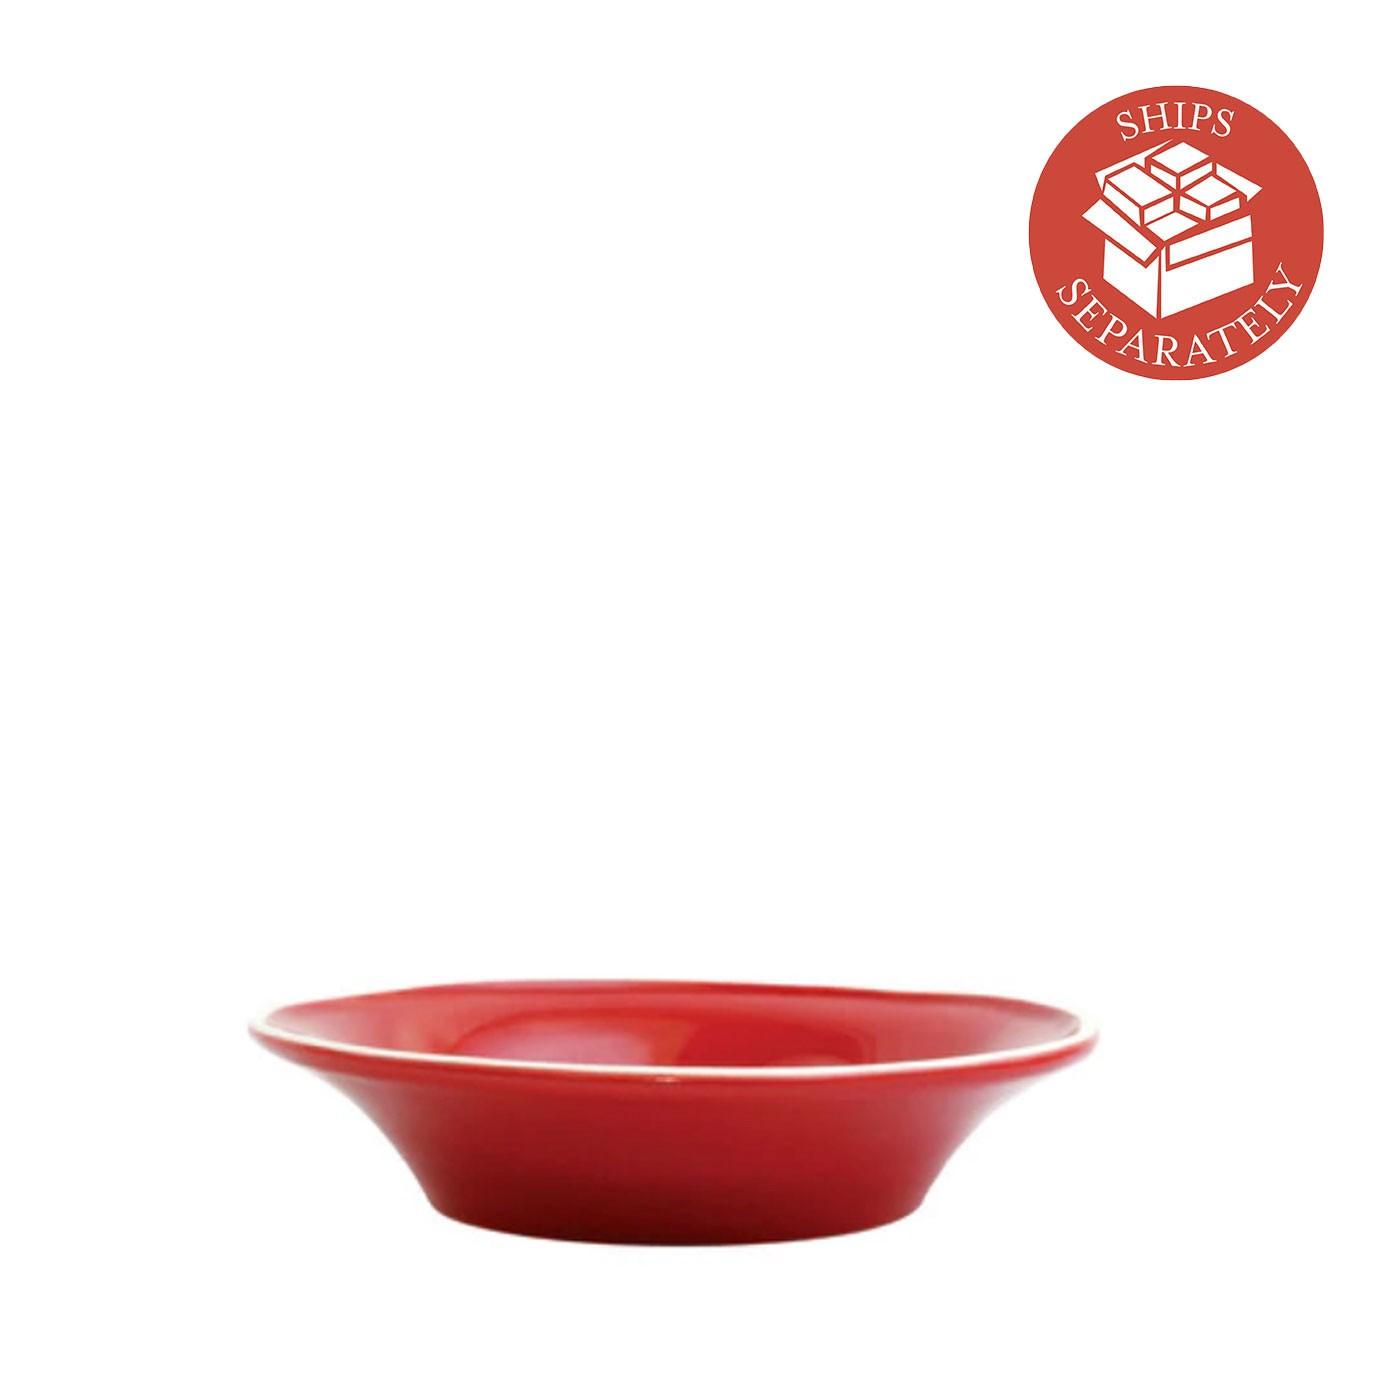 Chroma Red Pasta Bowl - Vietri   Eataly.com